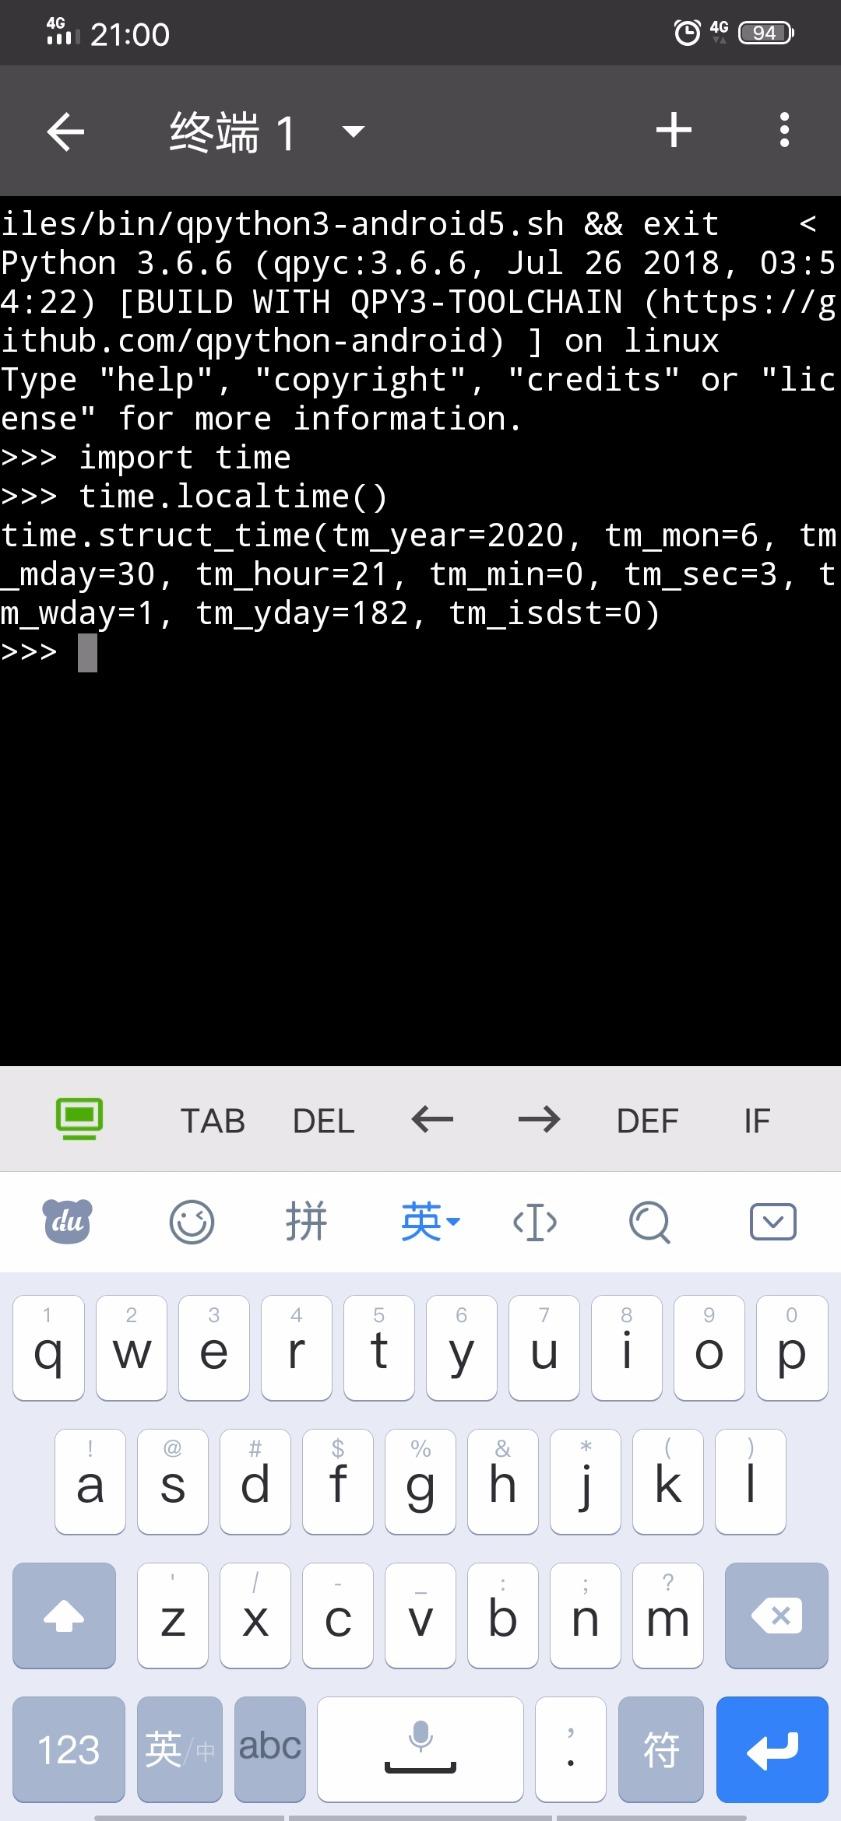 Screenshot_20200630_210034.jpg